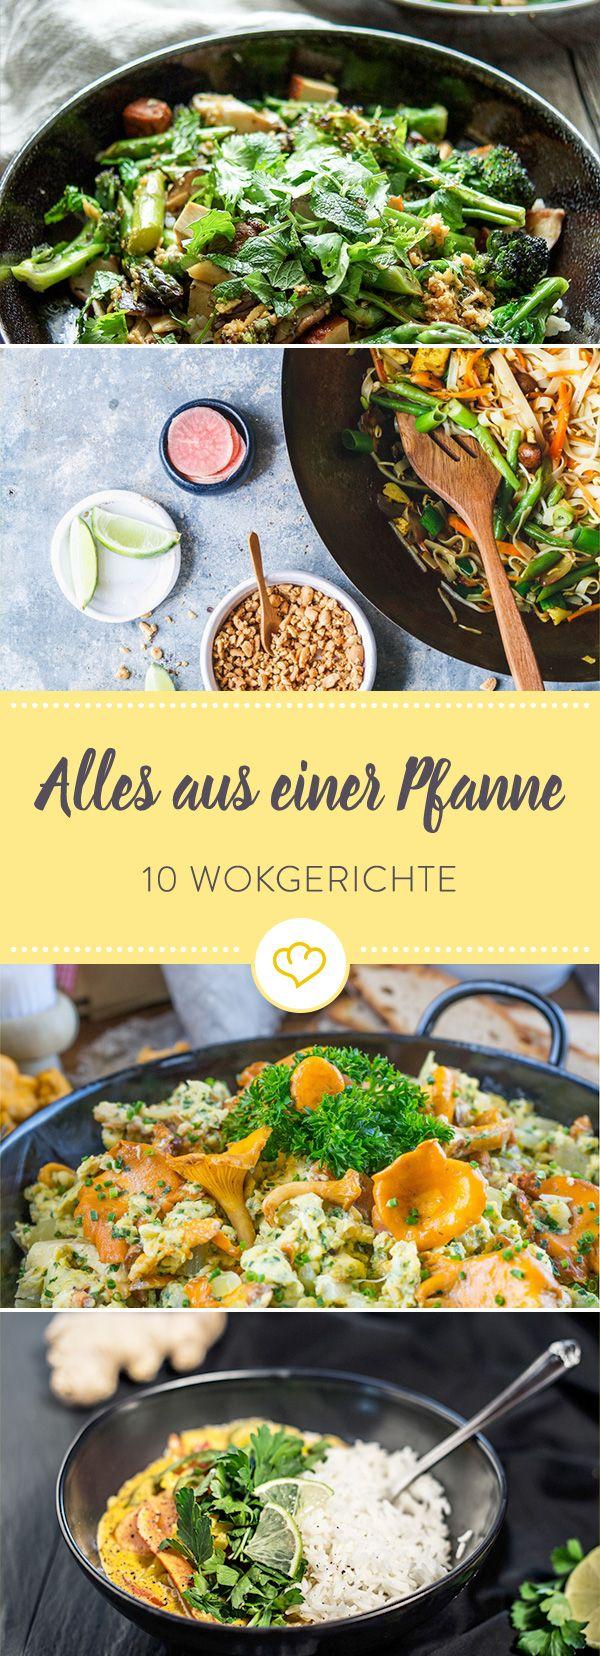 Heiß, würzig, farbenfroh - so geht's heute in deinem Wok zu. Mit Hähnchen oder auch vegetarisch - wir haben 10 Rezepte für deine Wok-Küche.